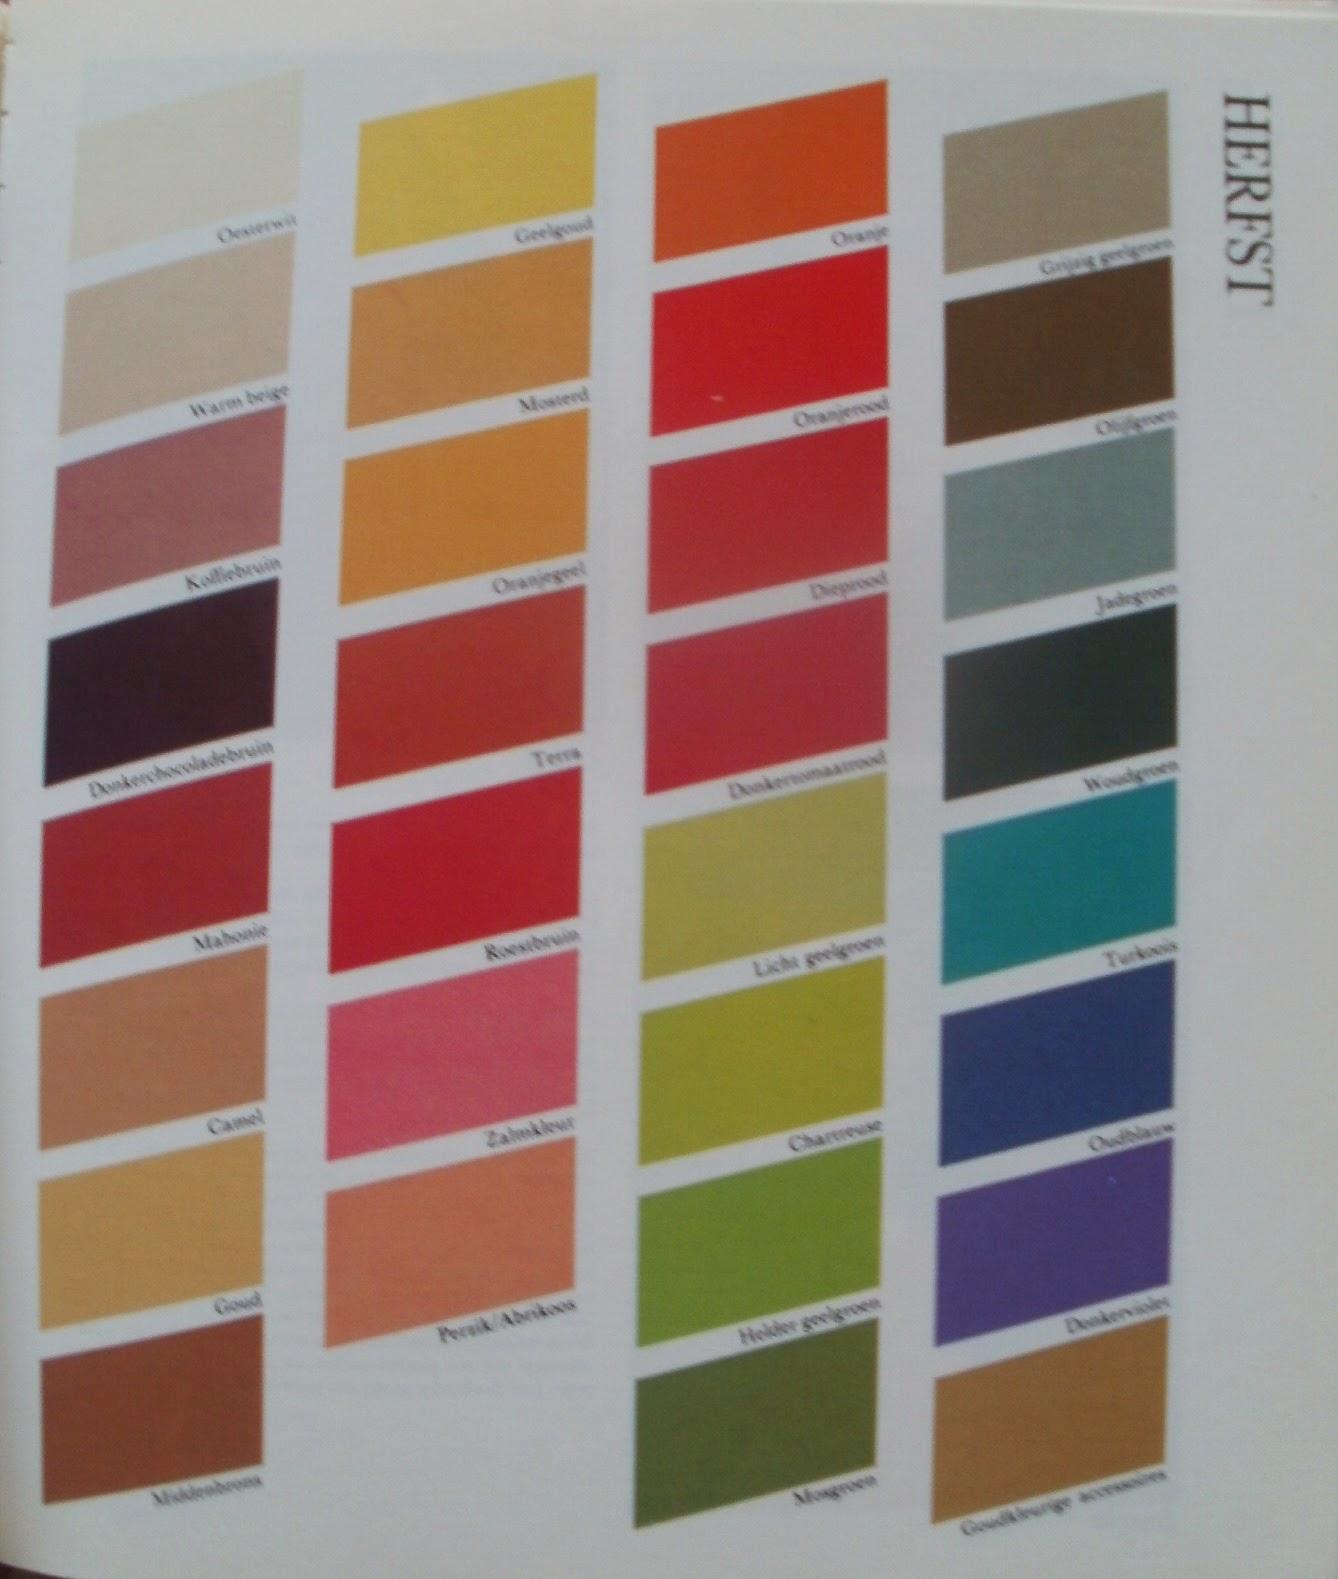 Kapsels en haarverzorging kleuren kaart lentetype zomertype herfsttype en wintertype - Koele kleuren warme kleuren ...